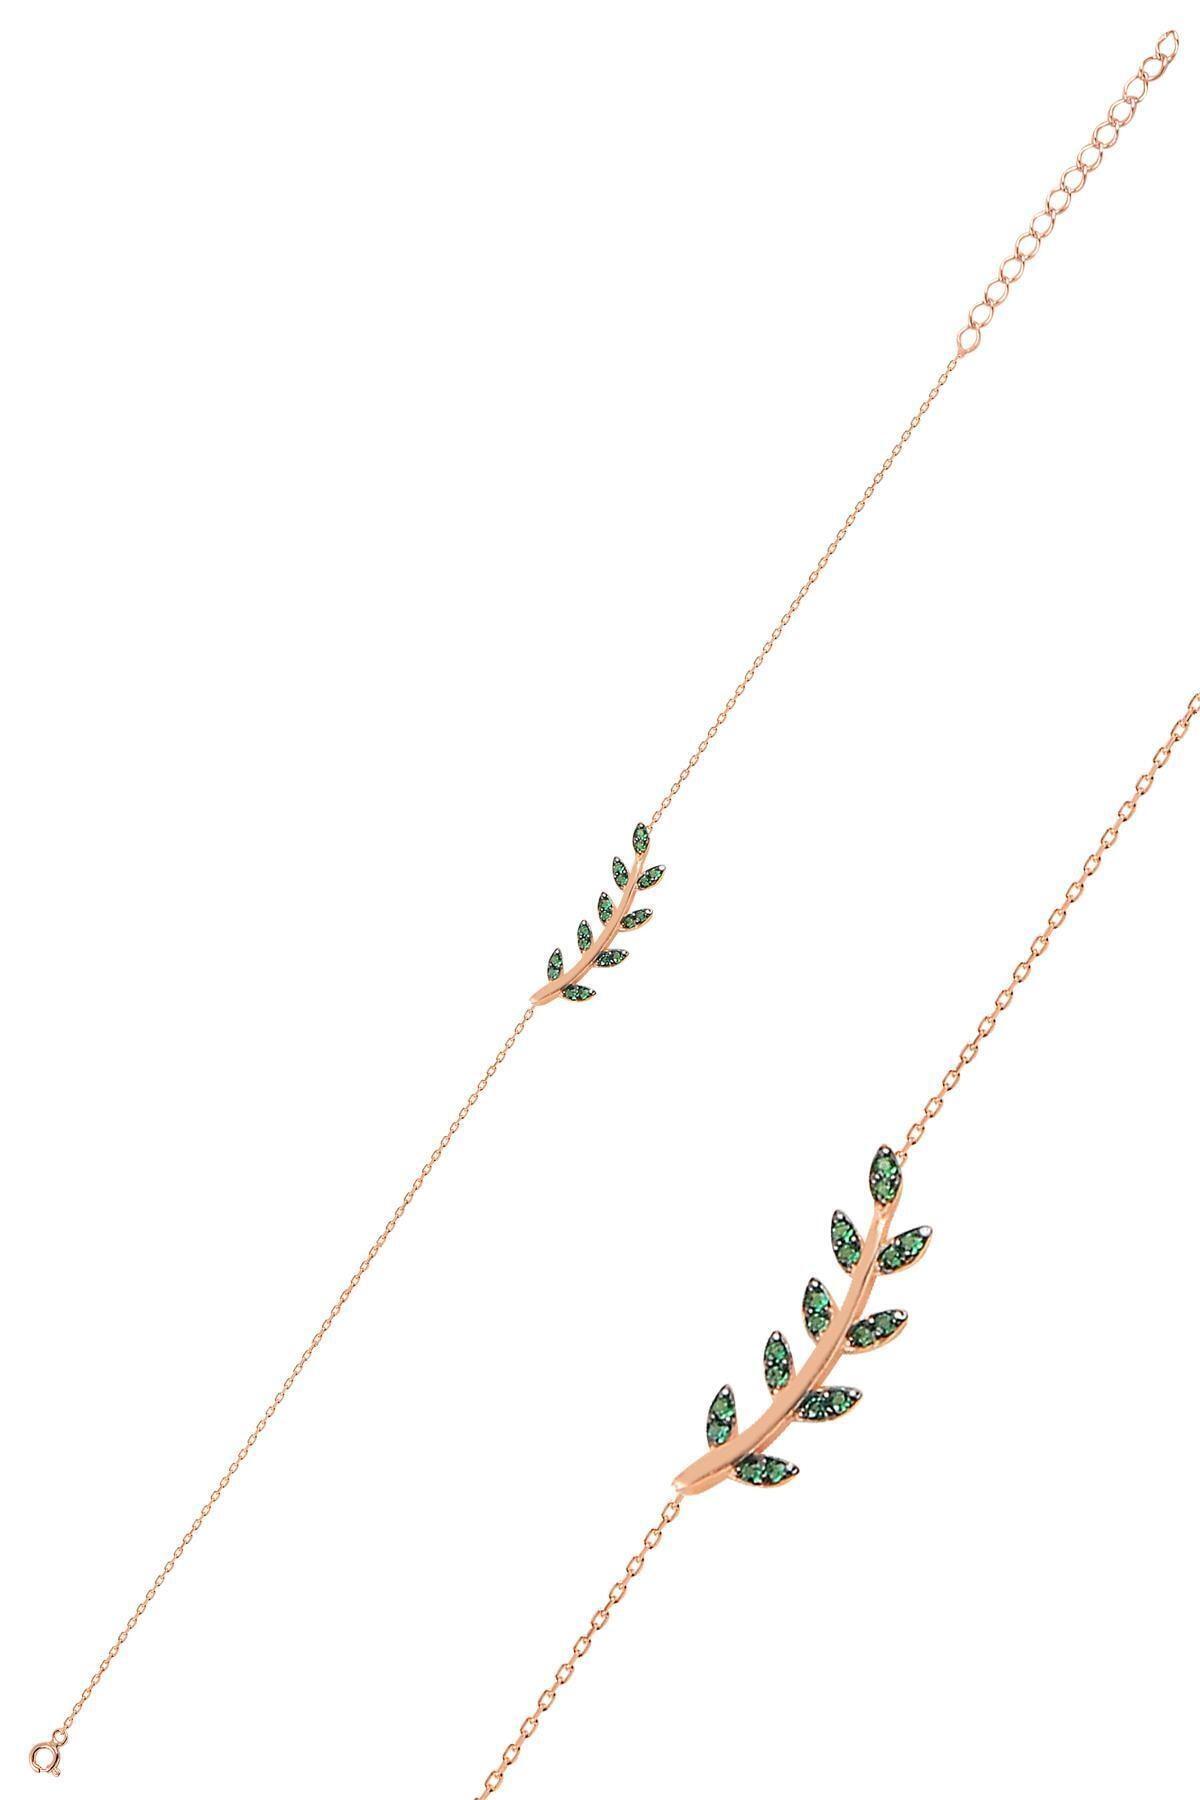 Söğütlü Silver Gümüş Rose Yeşil Taşlı Yaprak Bileklik 1